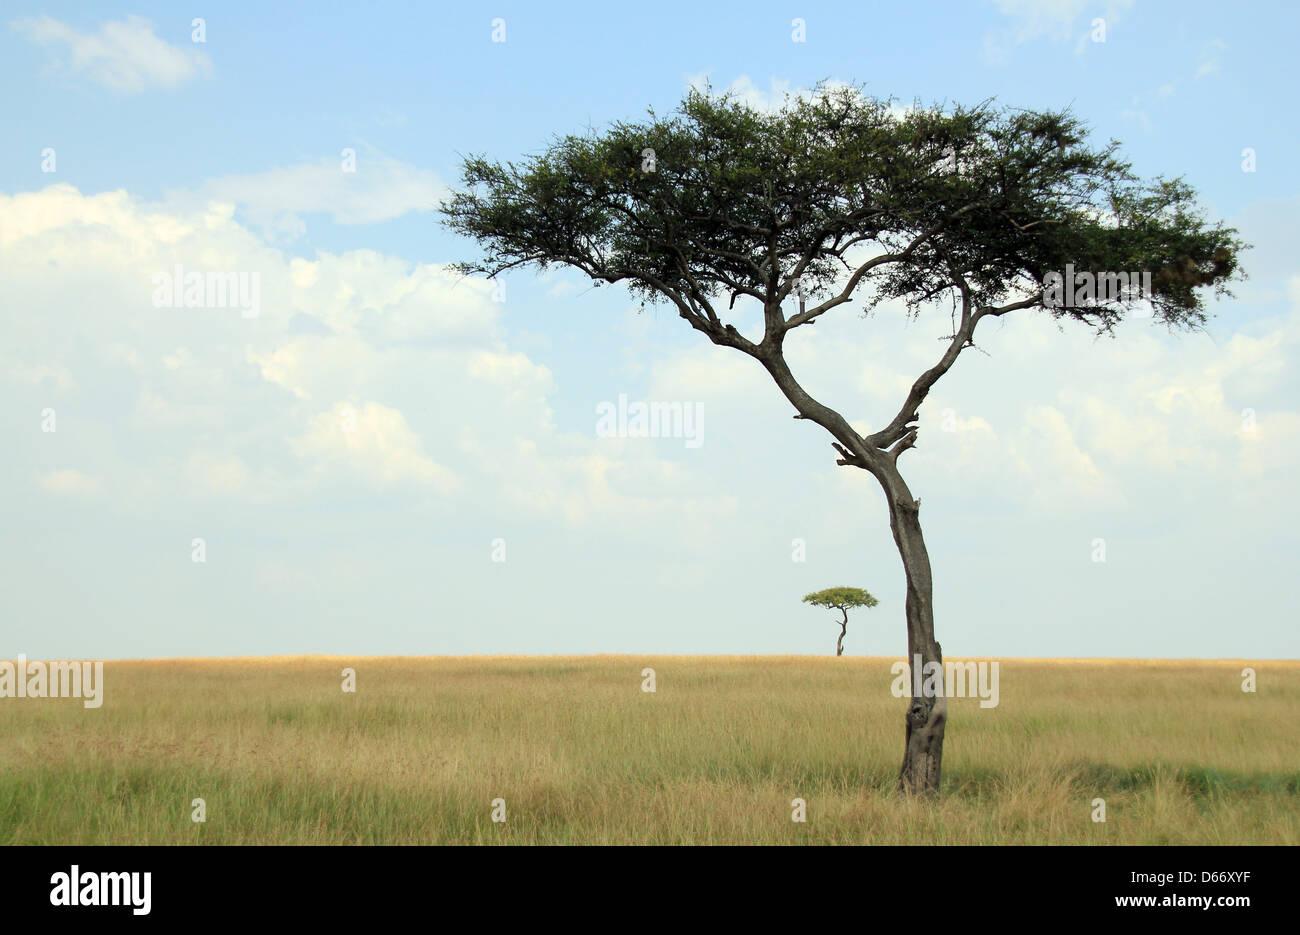 Acacia Trees on Savannah, Maasai Mara, Kenya - Stock Image